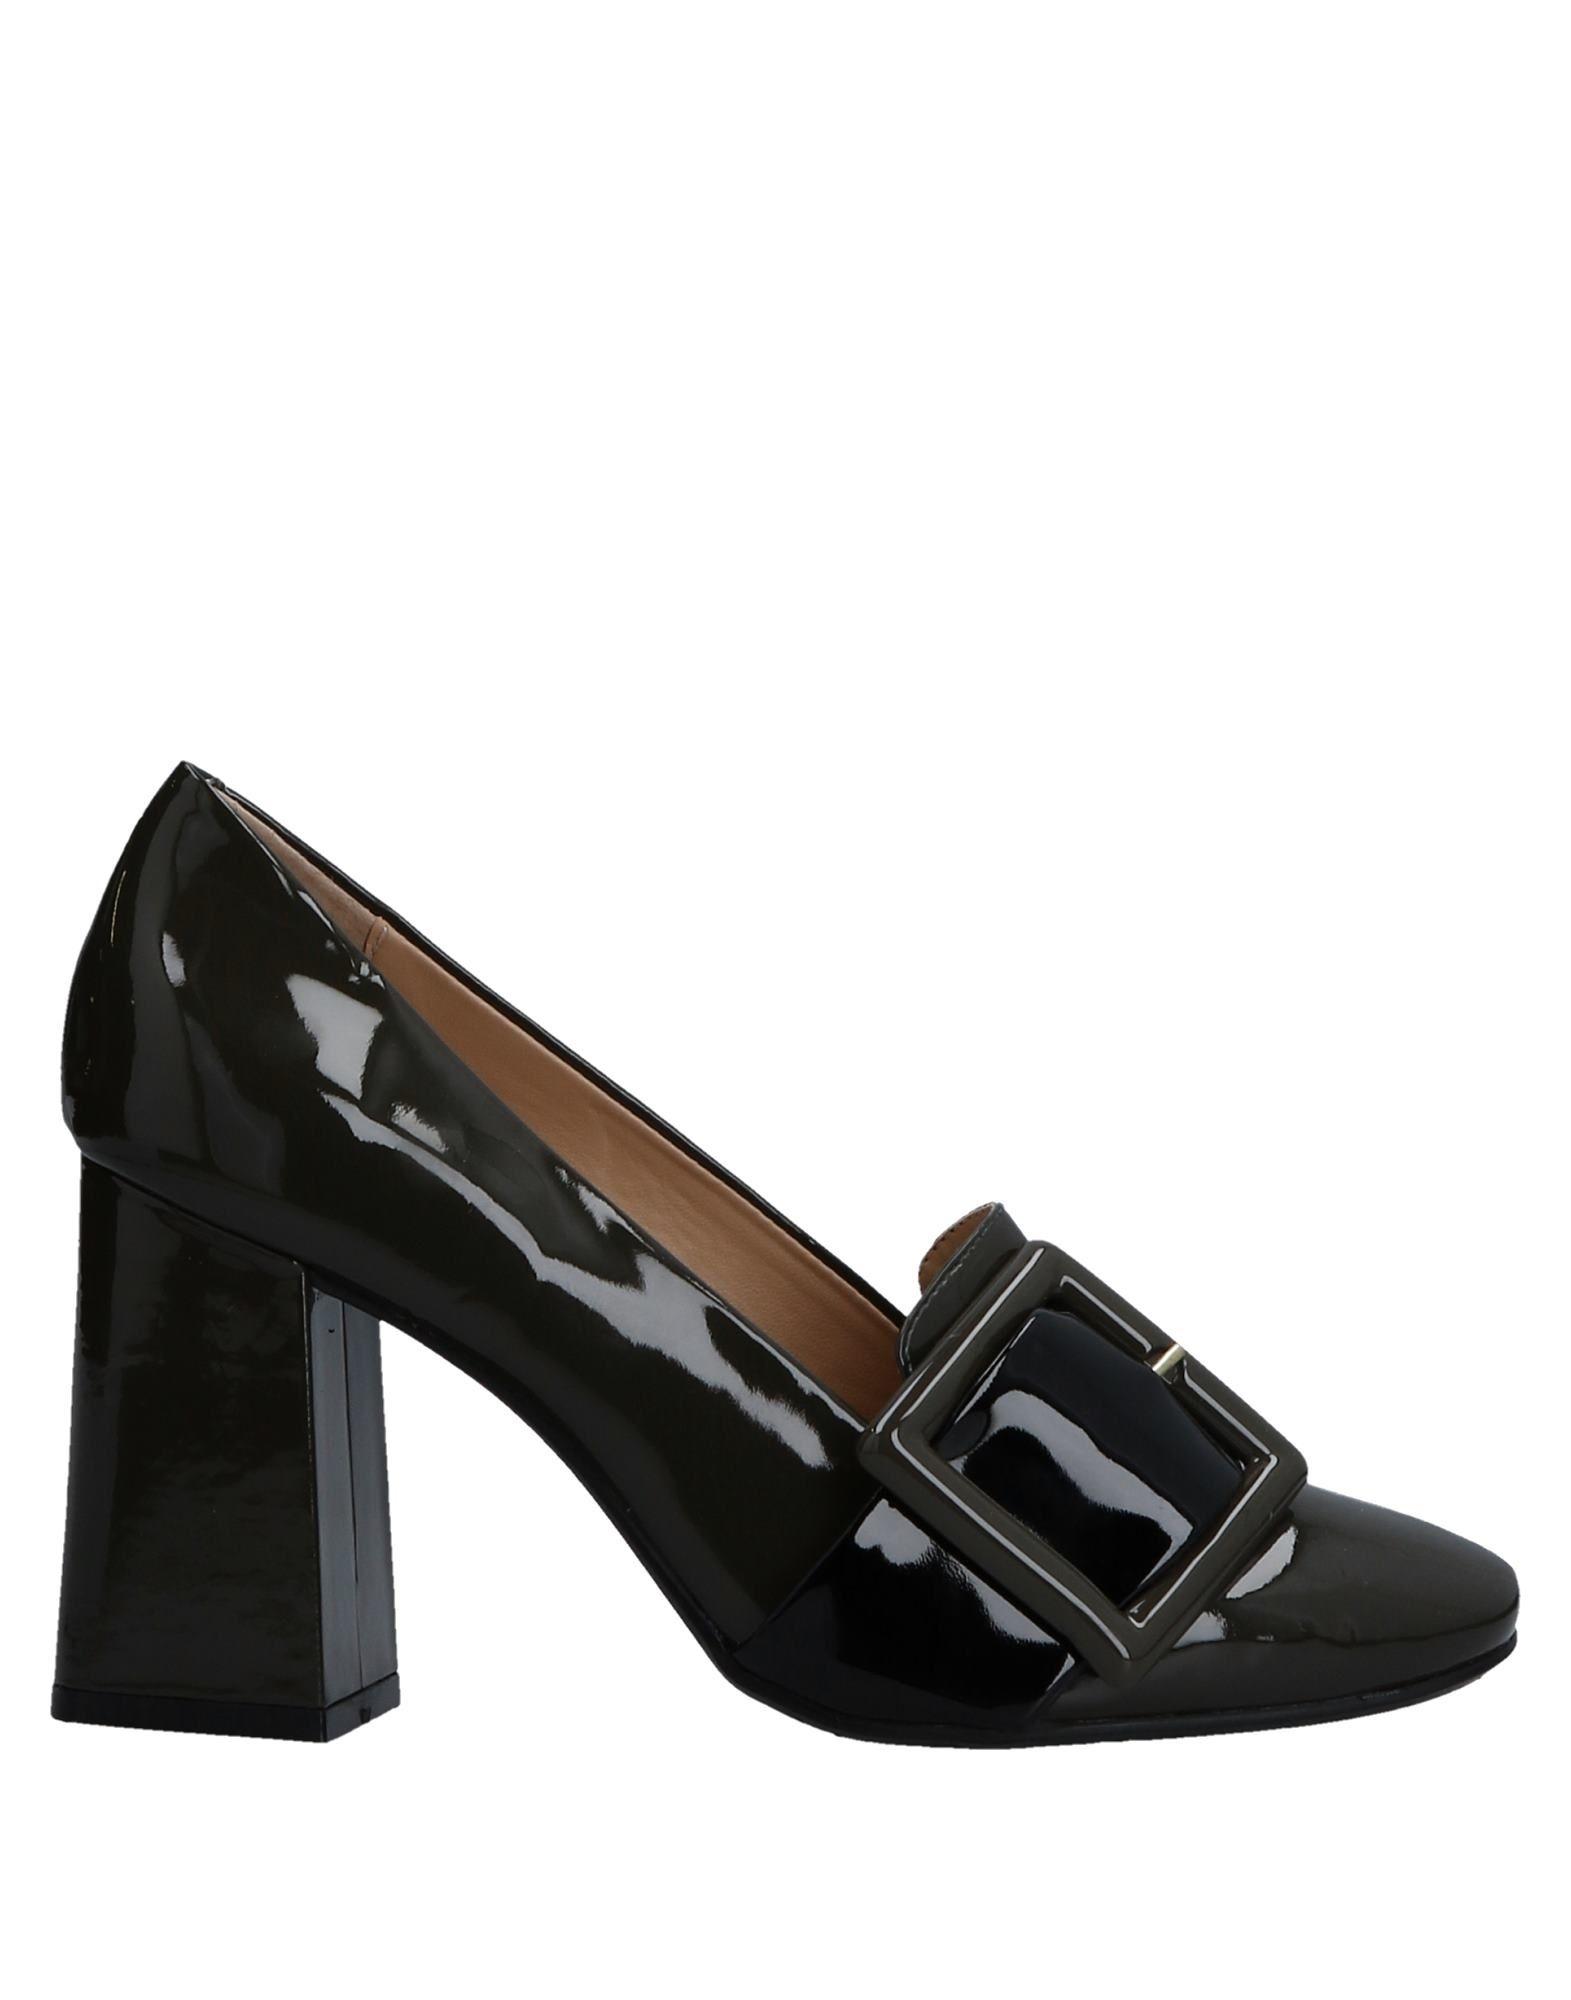 Moda Mocassino Panella Donna Donna Panella - 11526767XP f20bc1